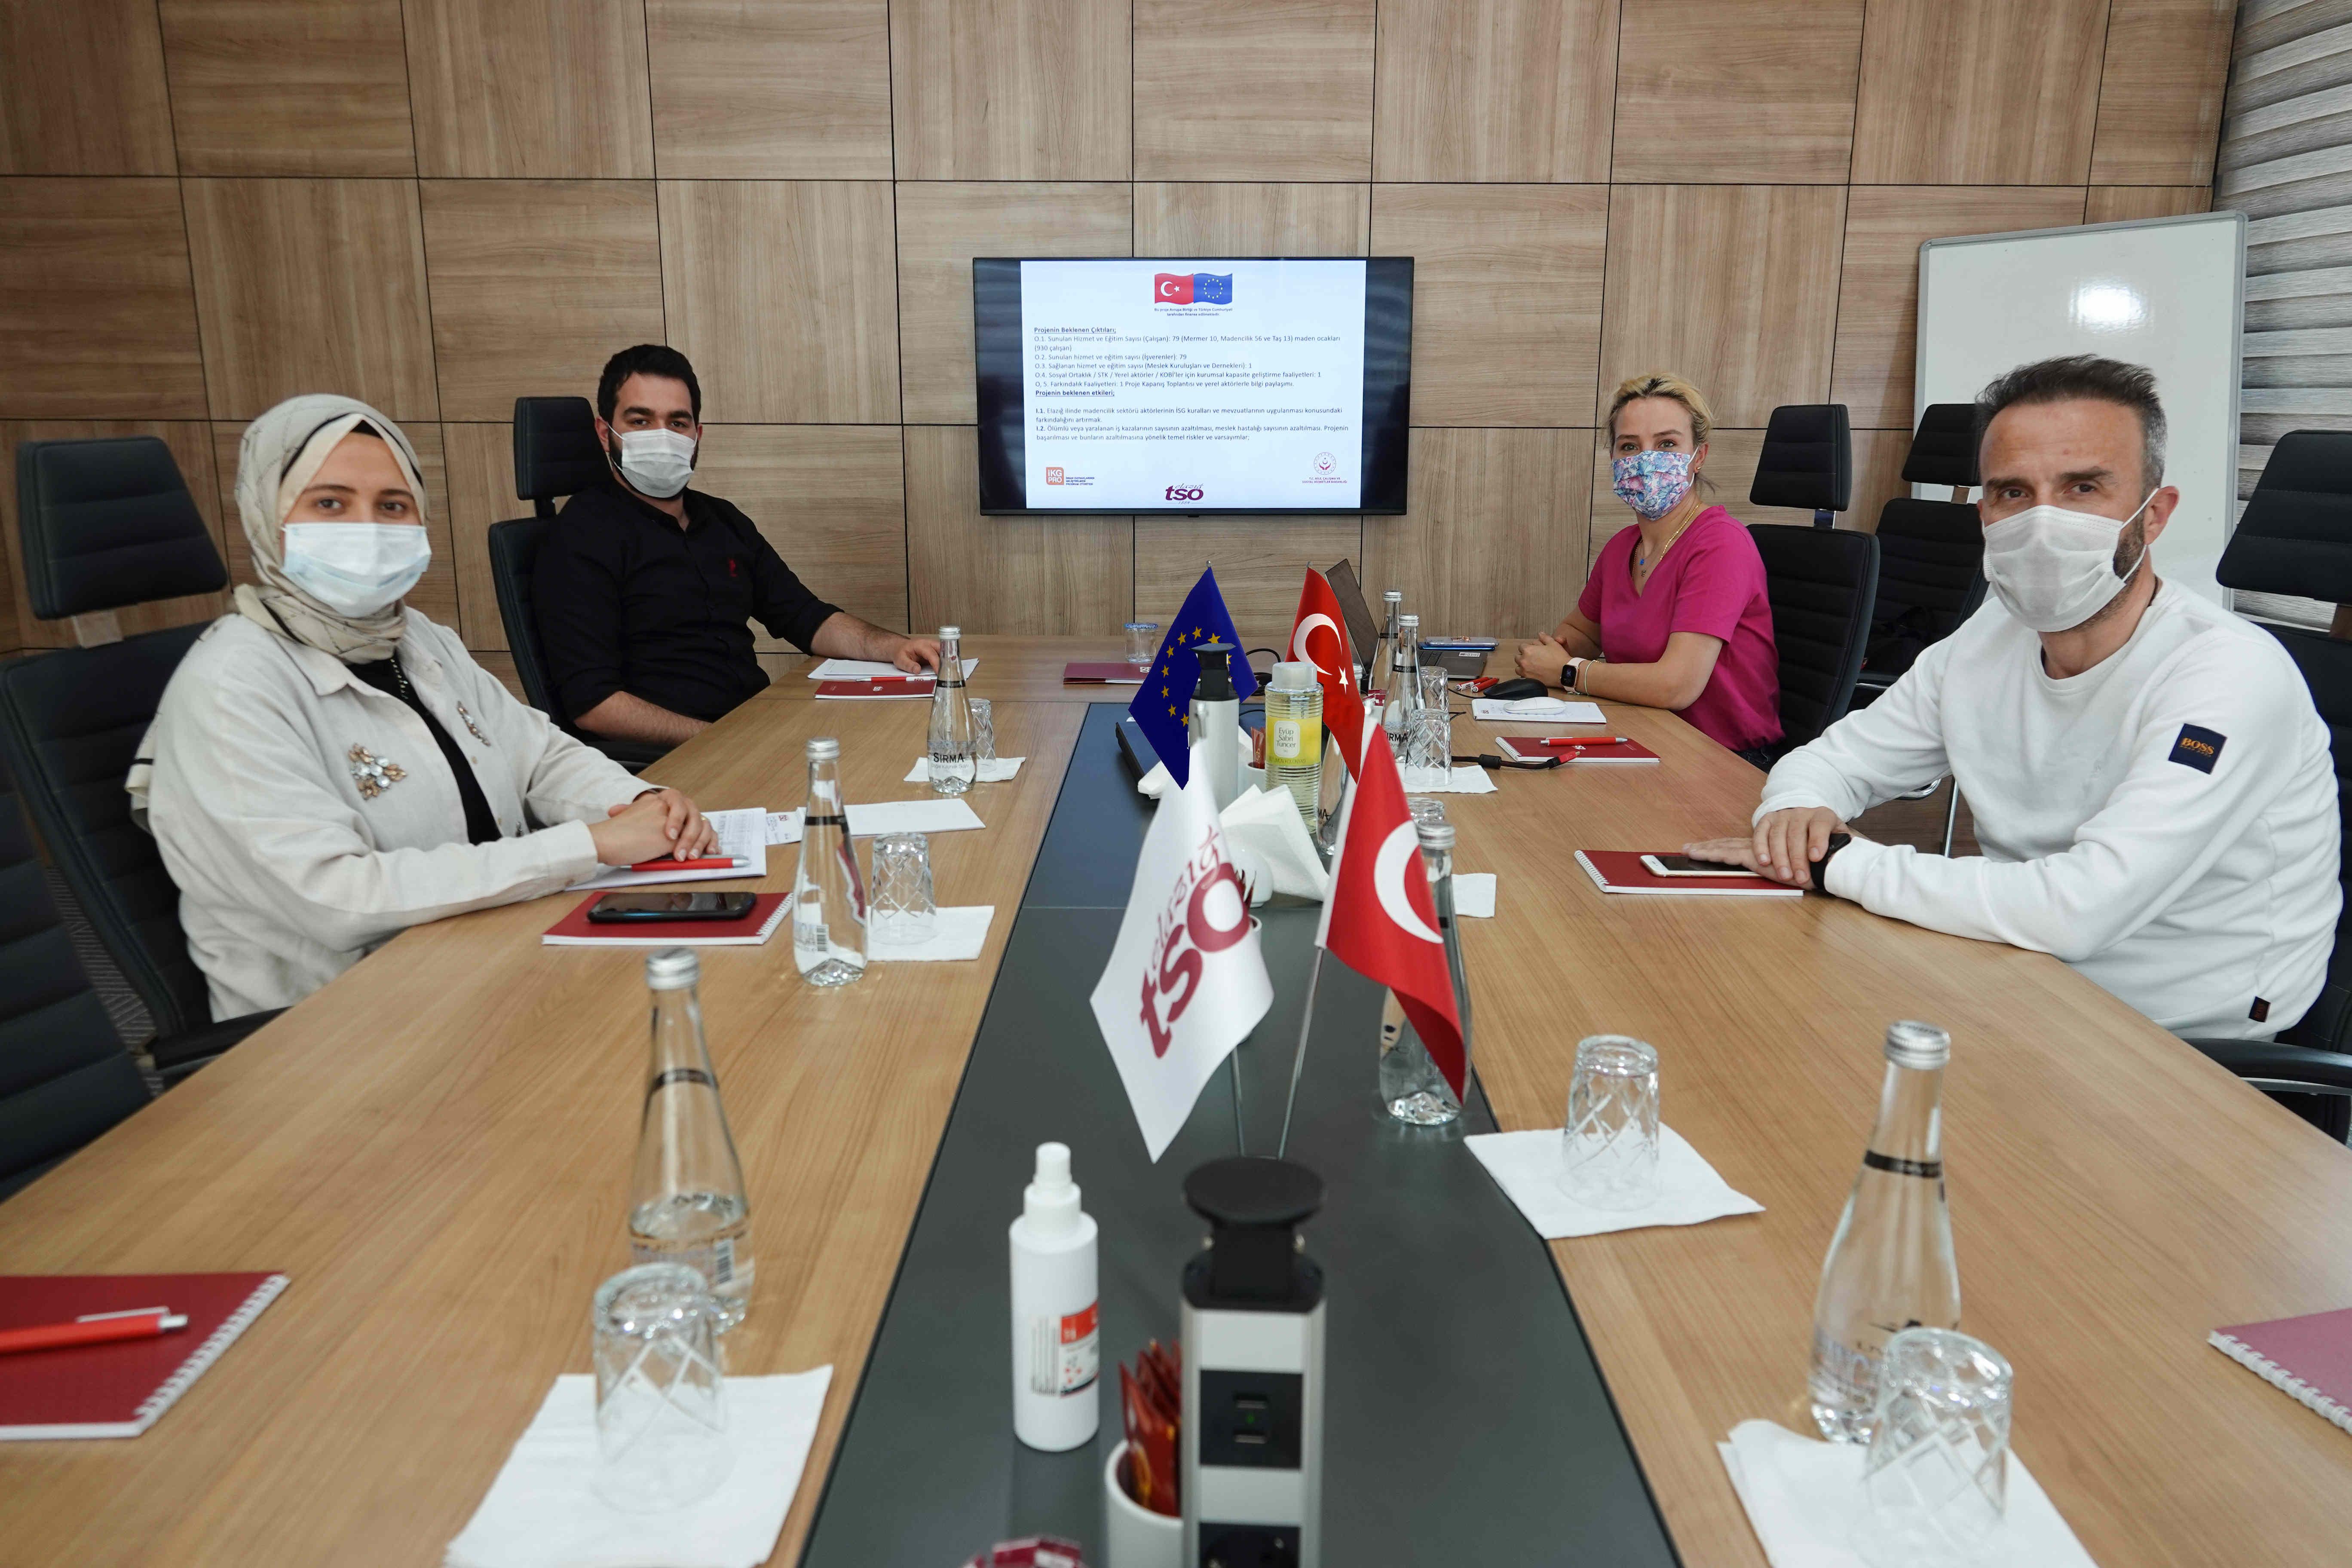 AB Proje Ekibi Toplantısı Gerçekleştirildi.